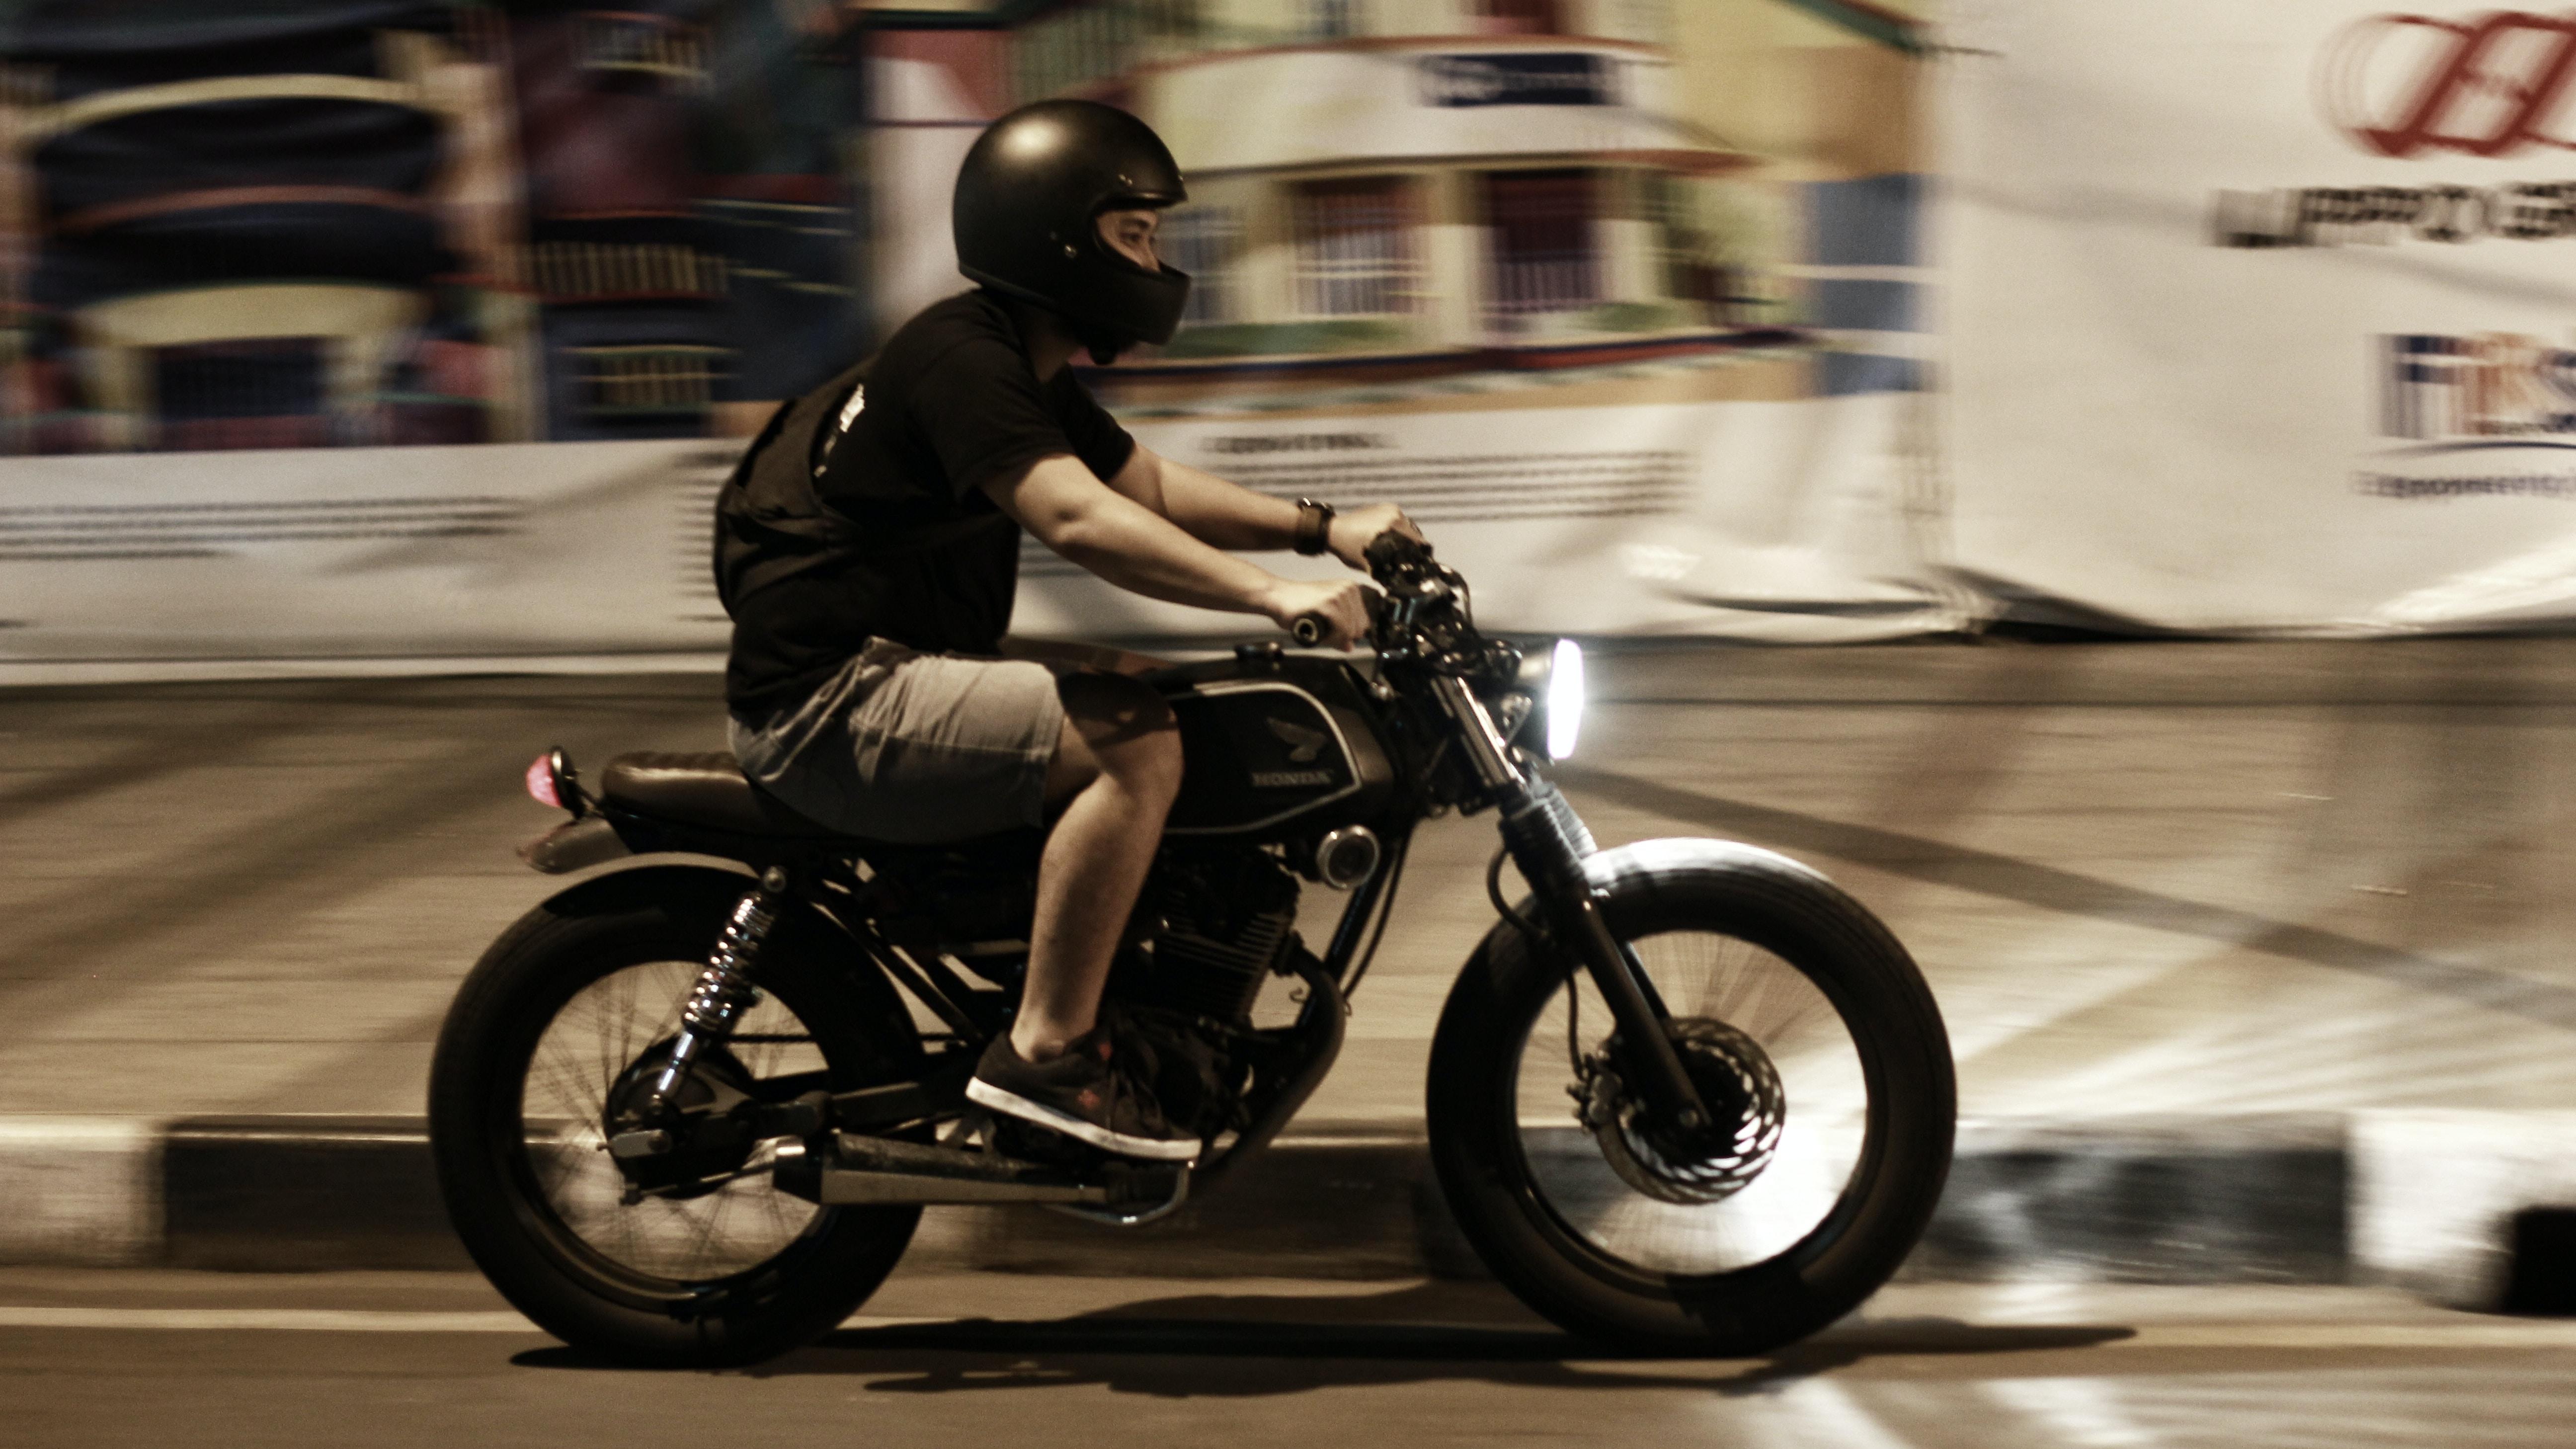 A man in a black helmet on a motorbike in artificial light